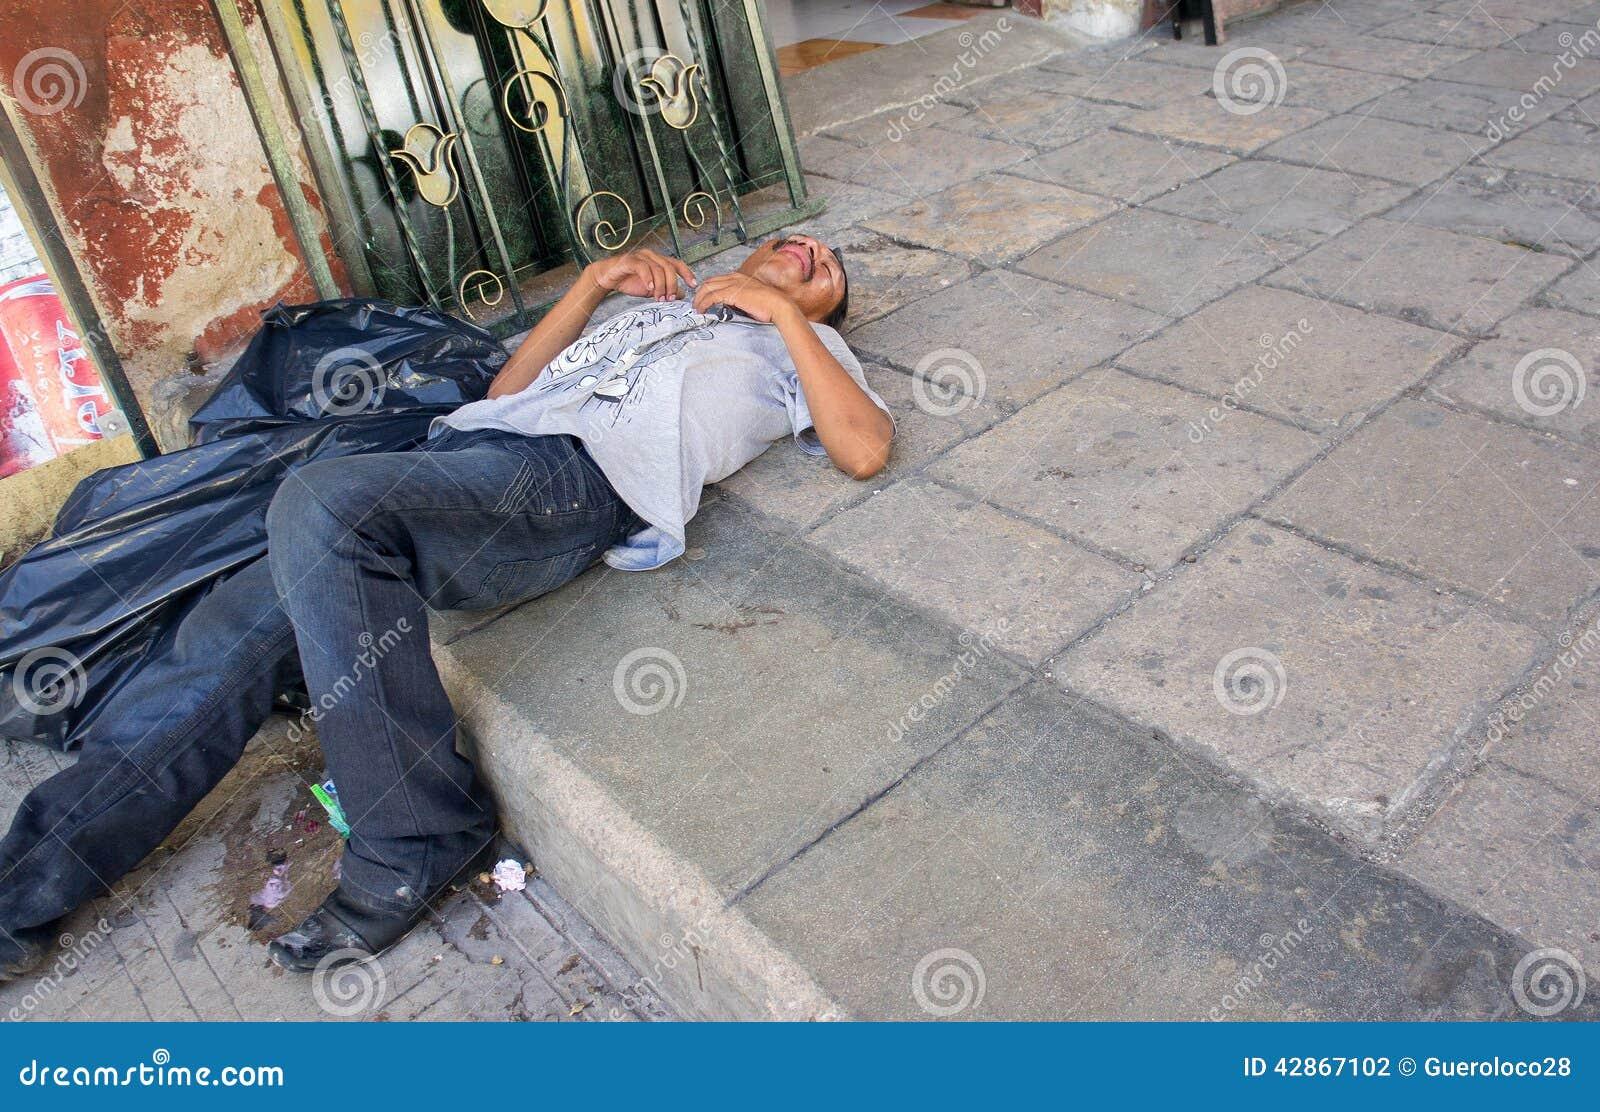 Opiły Bezdomny mężczyzna przechodzący out